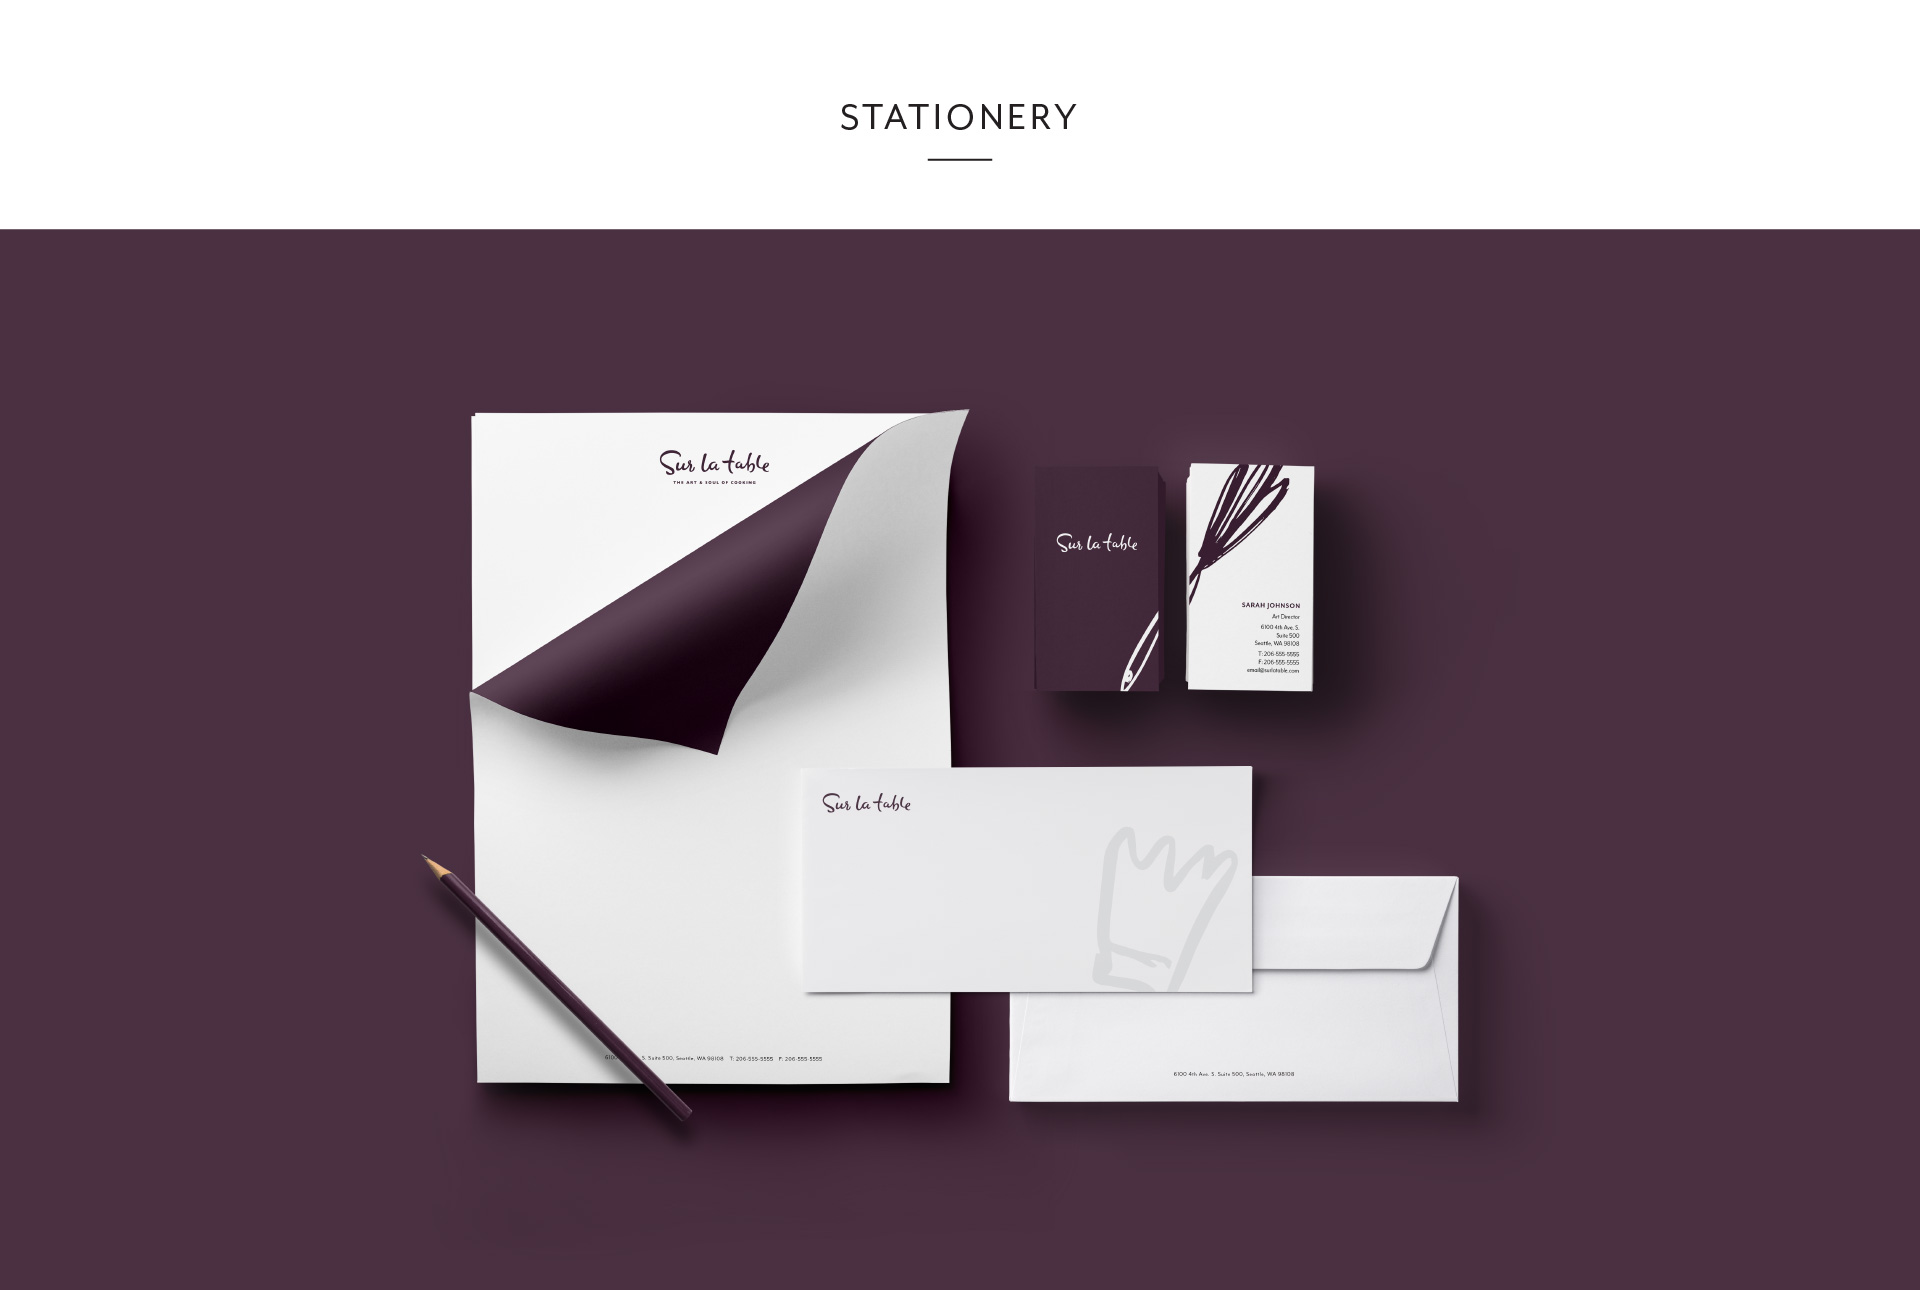 Creative_Retail_Packaging_Branding_Design_Sur_La_Table_13_2.jpg